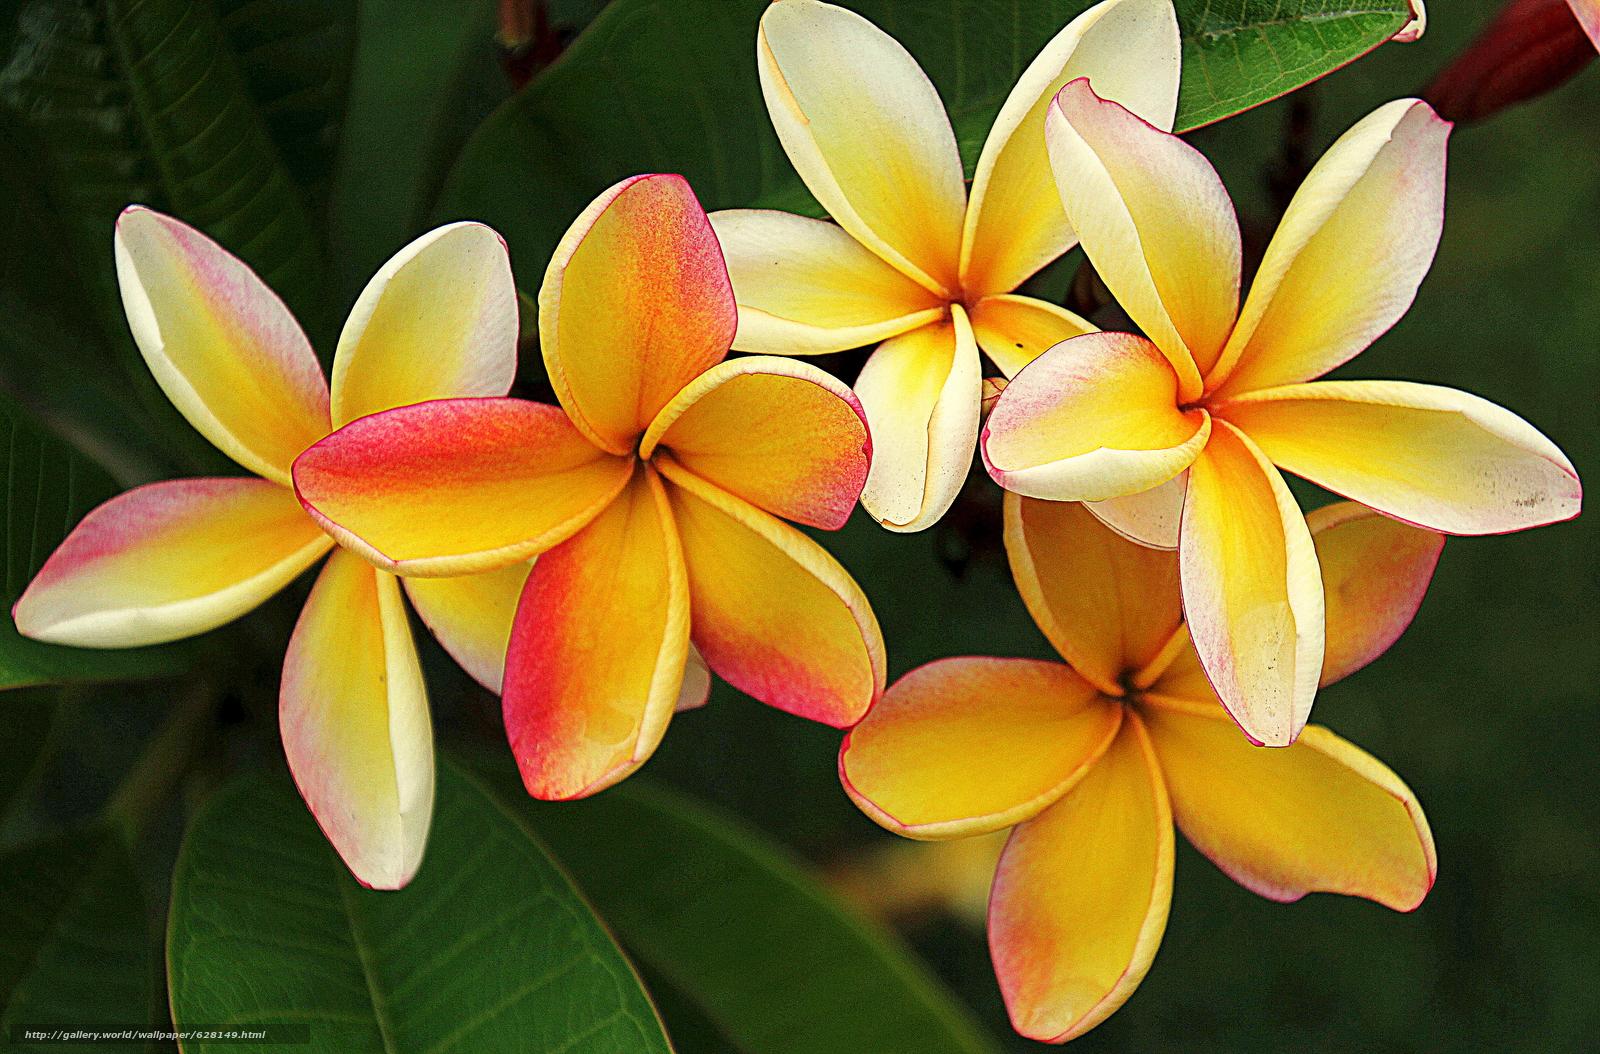 Скачать на телефон обои фото картинку на тему Plumeria, кустарник, цветы, флора, разширение 4816x3173